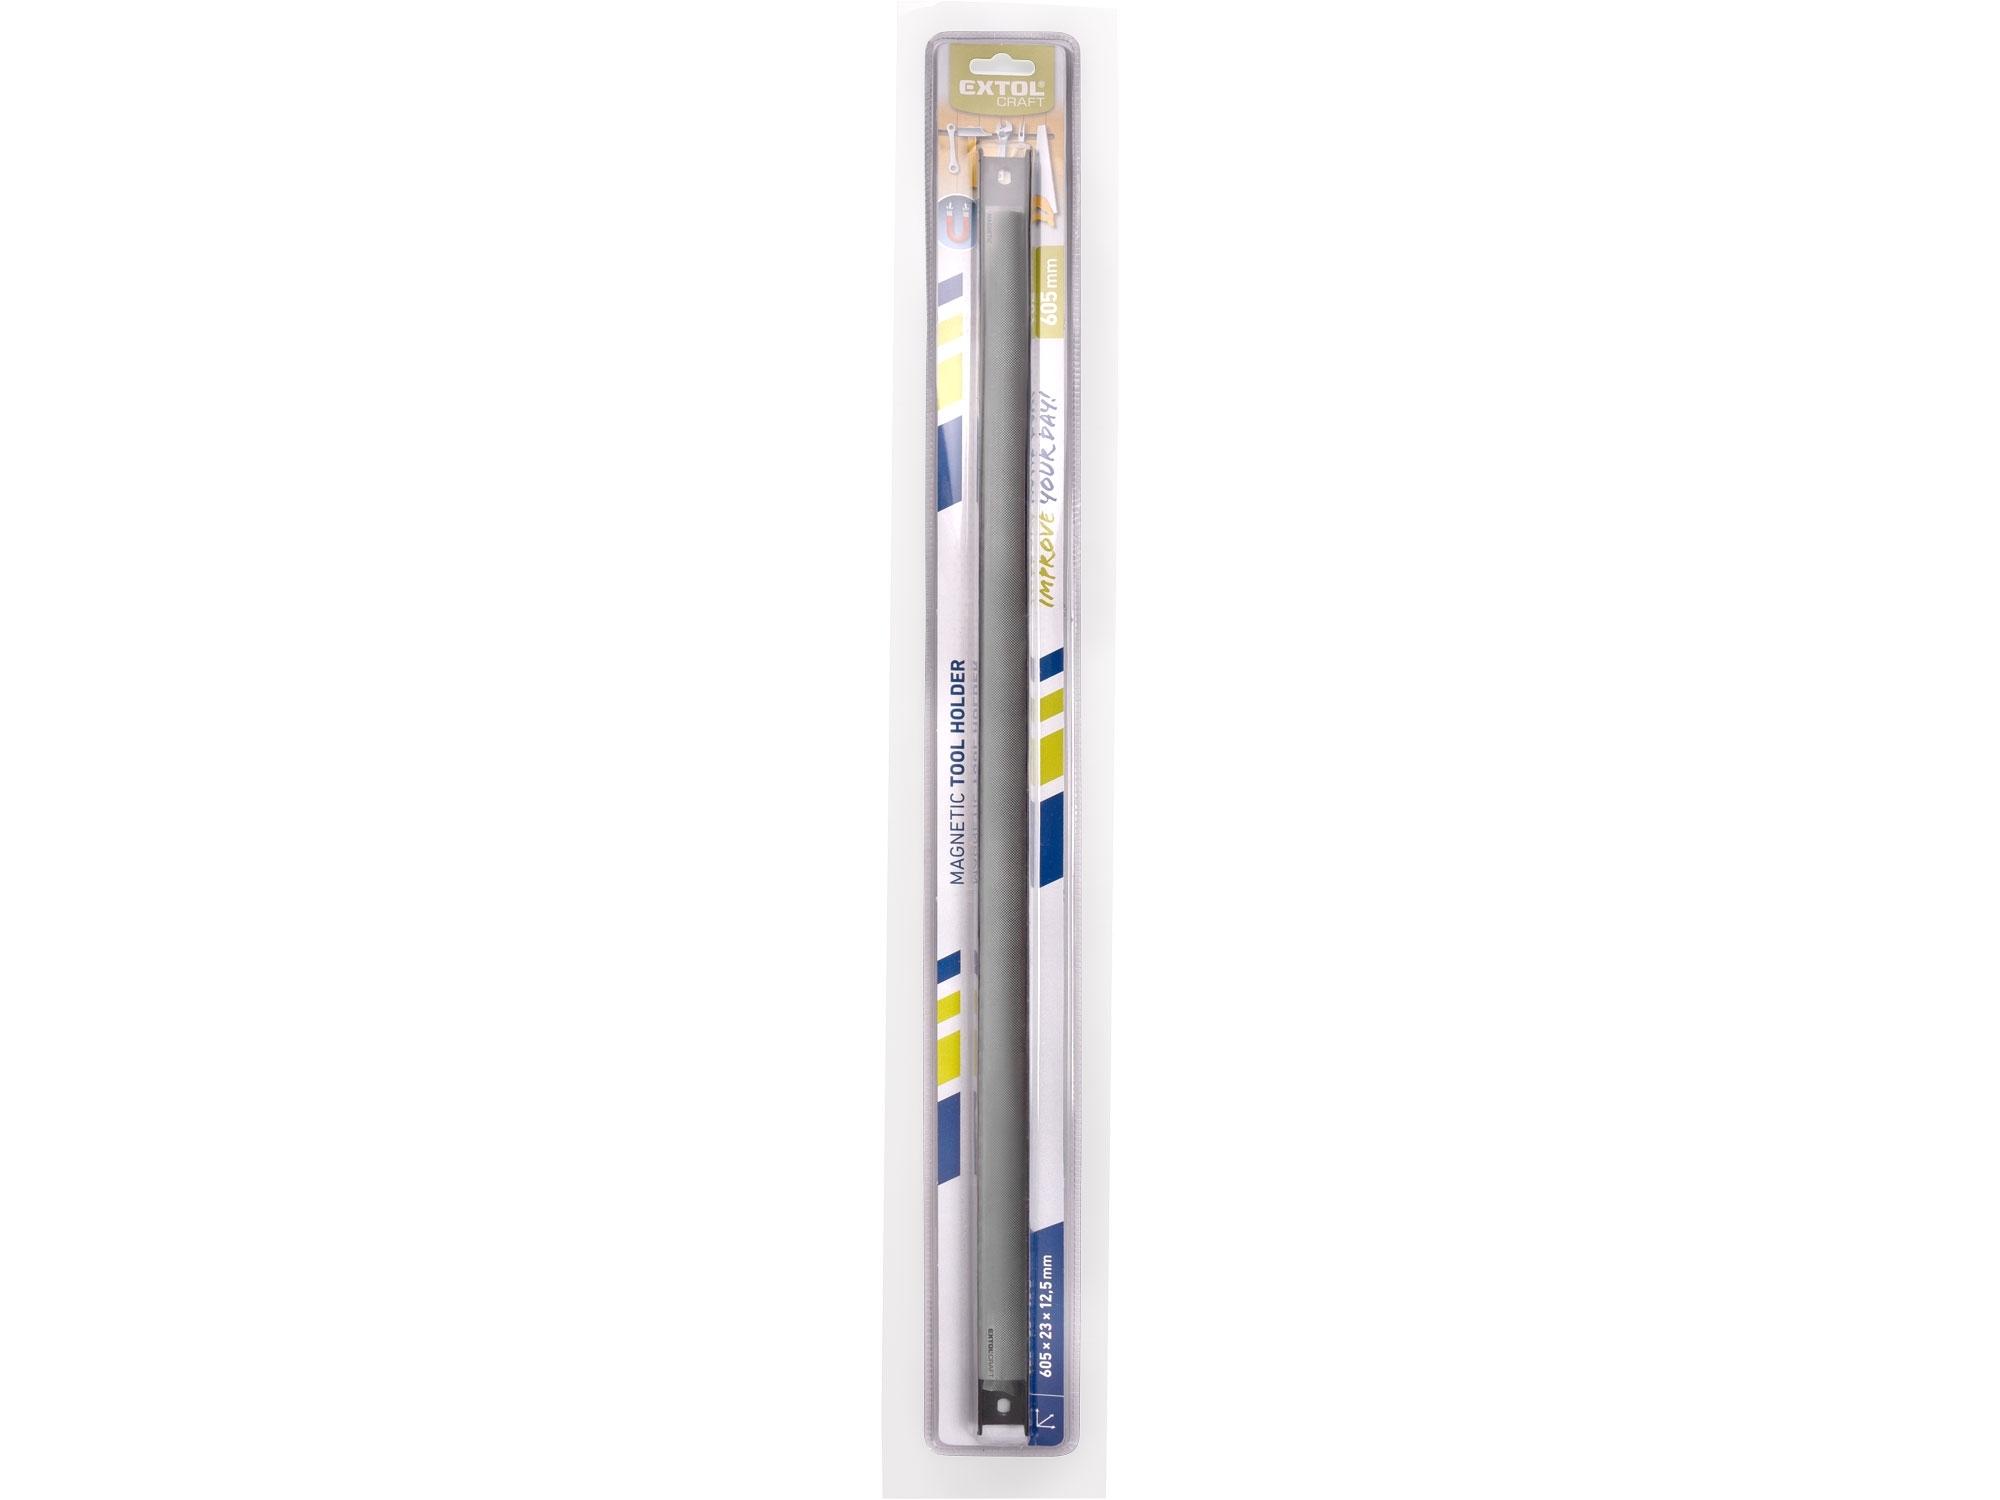 Lišta magnet 60.5cm EXTOL